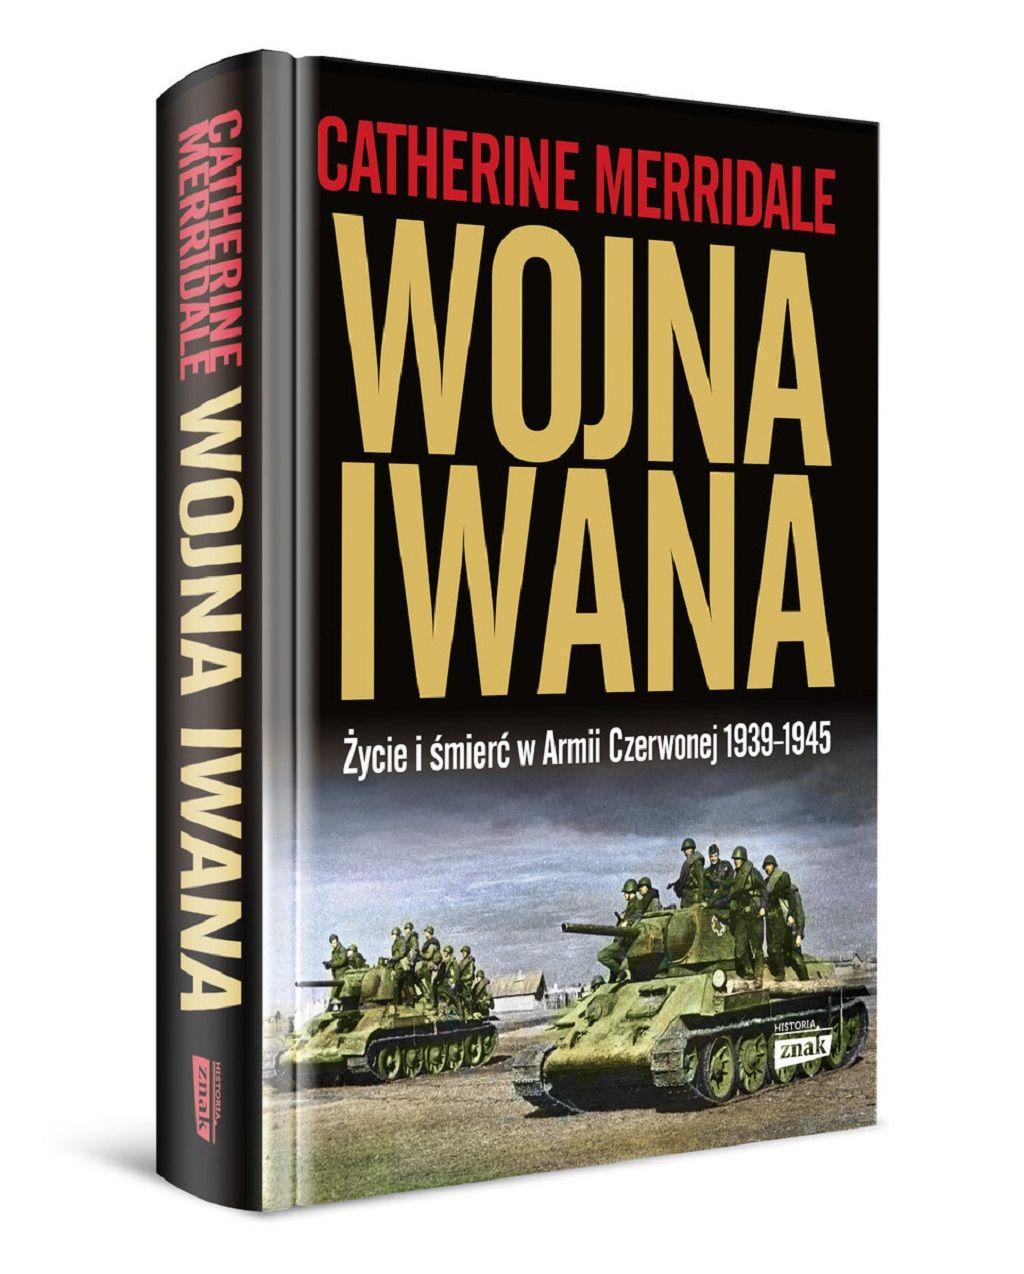 Catherine Merridale – Wojna Iwana. Życie i śmierć w Armii Czerwonej 1939-1945